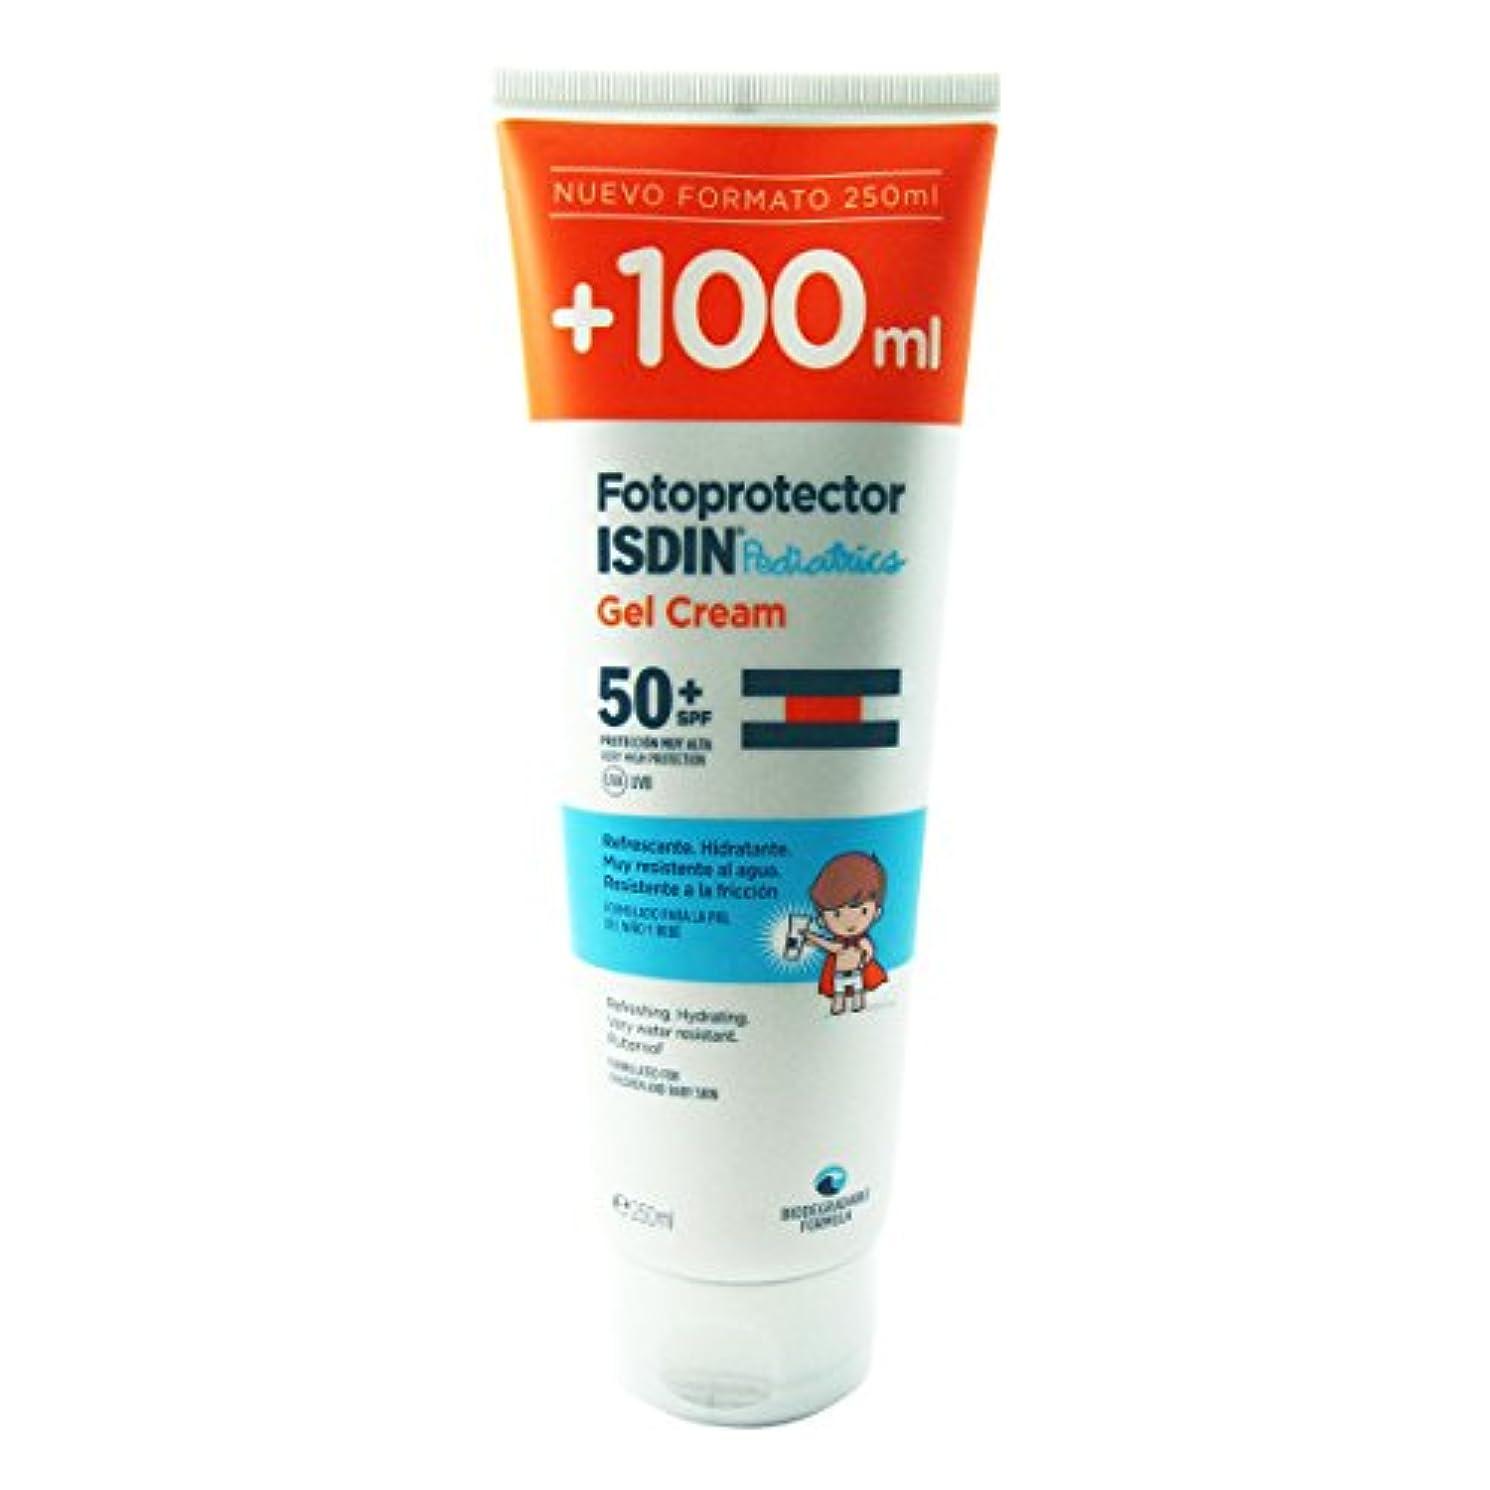 有効なピンドアIsdin Photoprotector Pediatrics Gel Cream 50+ 250ml [並行輸入品]